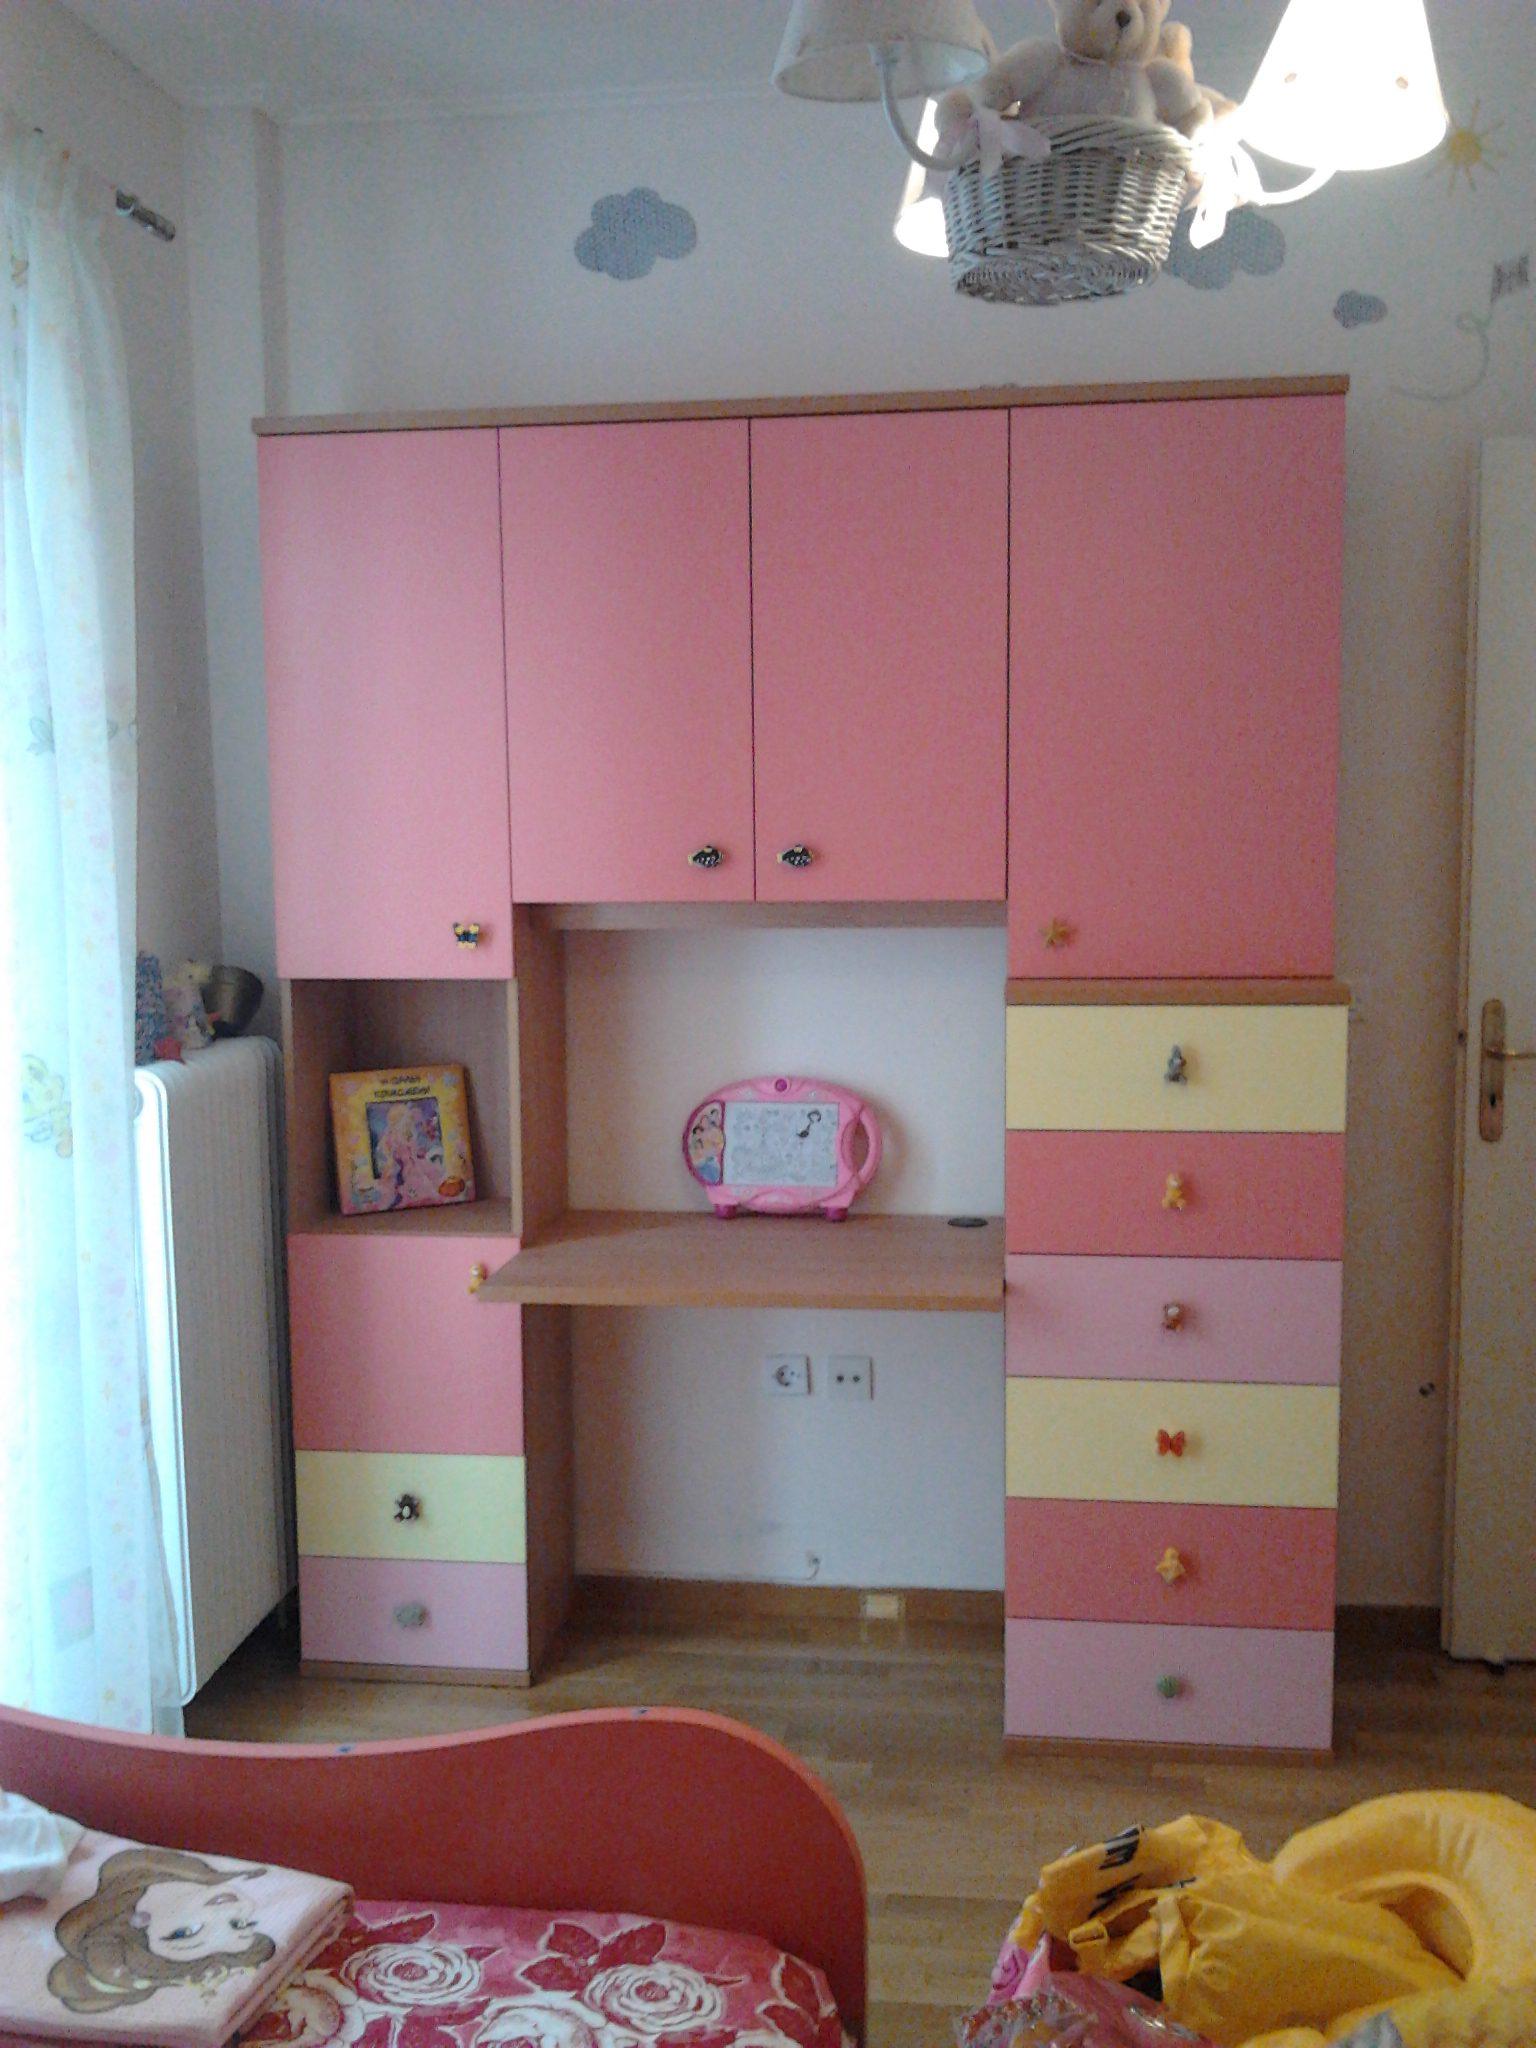 Γραφείο-βιβλιοθήκη σε παιδικό δωμάτιο,με πολλούς αποθηκευτικούς χώρους.Βαμμένα όλα με οικολογικές βαφές.